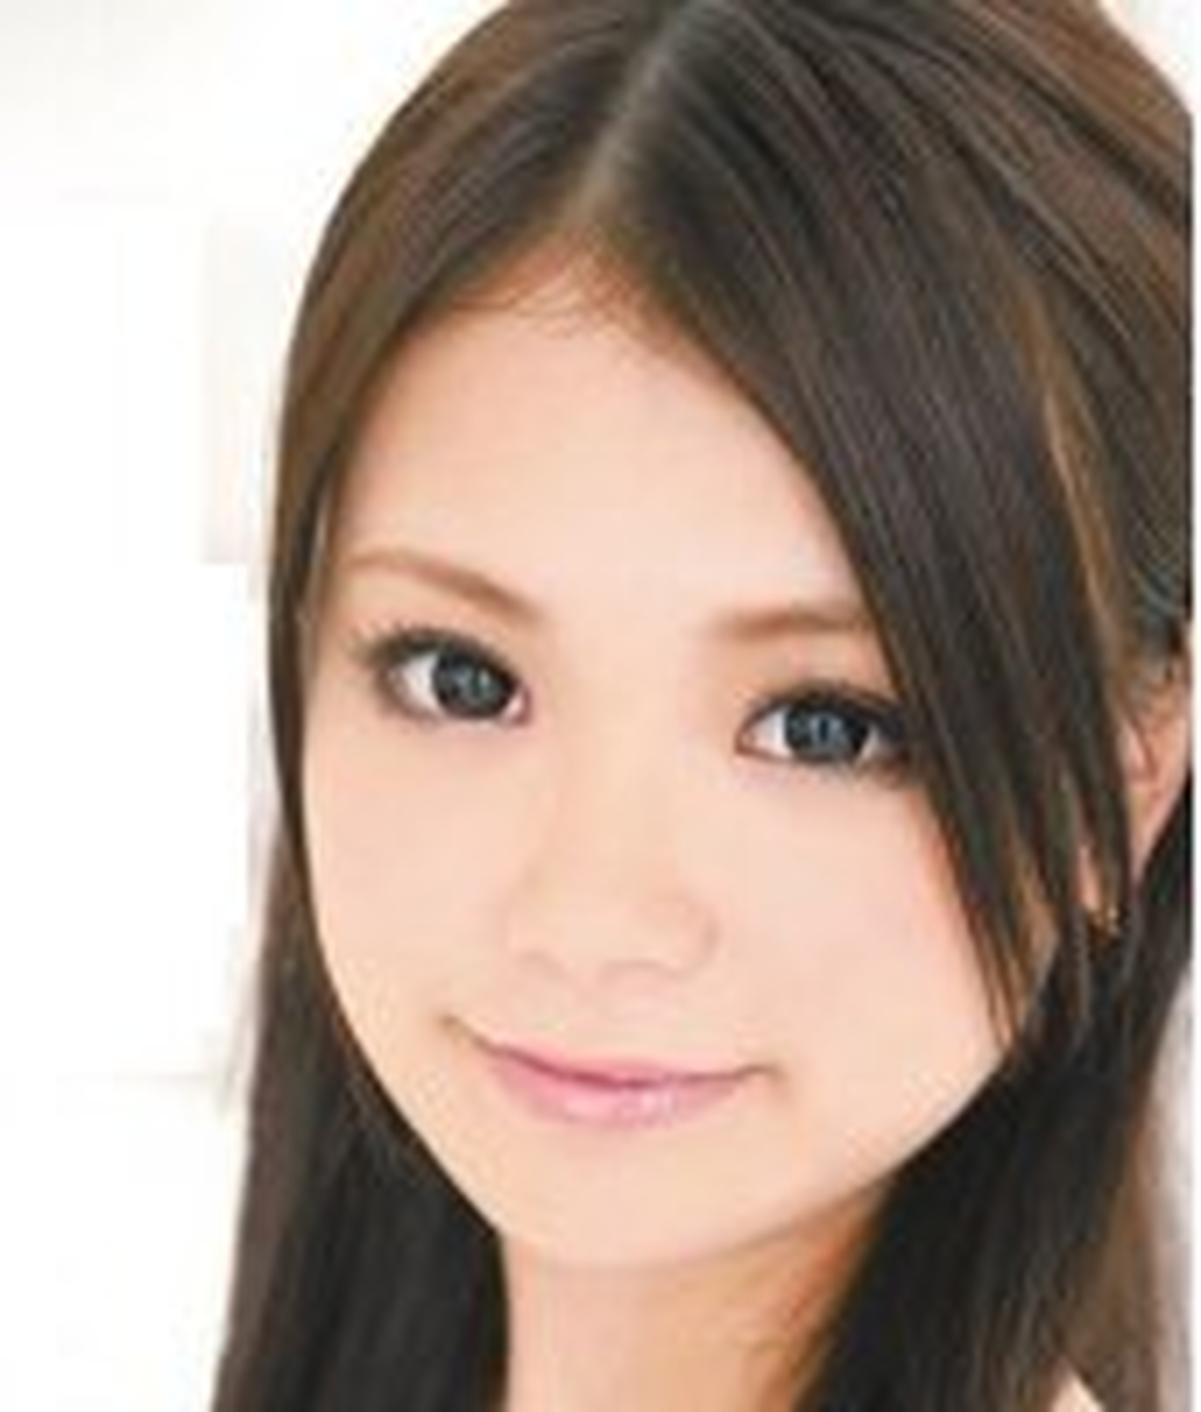 Kana Tsuruta